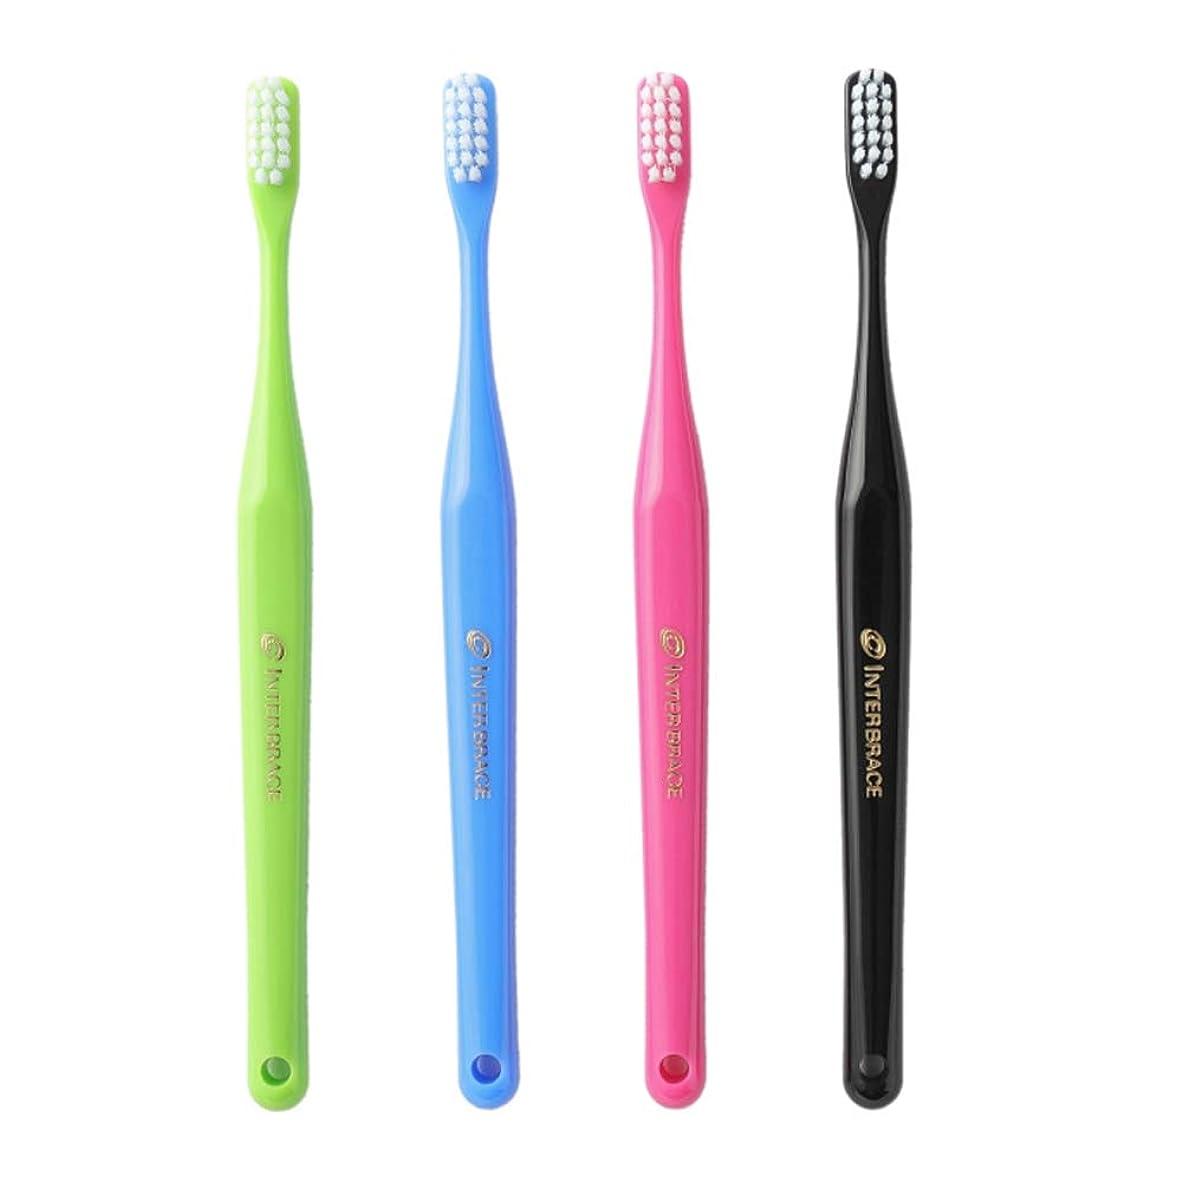 ナビゲーション次へ見かけ上インターブレイス インターブレイス 矯正用山型 歯ブラシ 20本セット